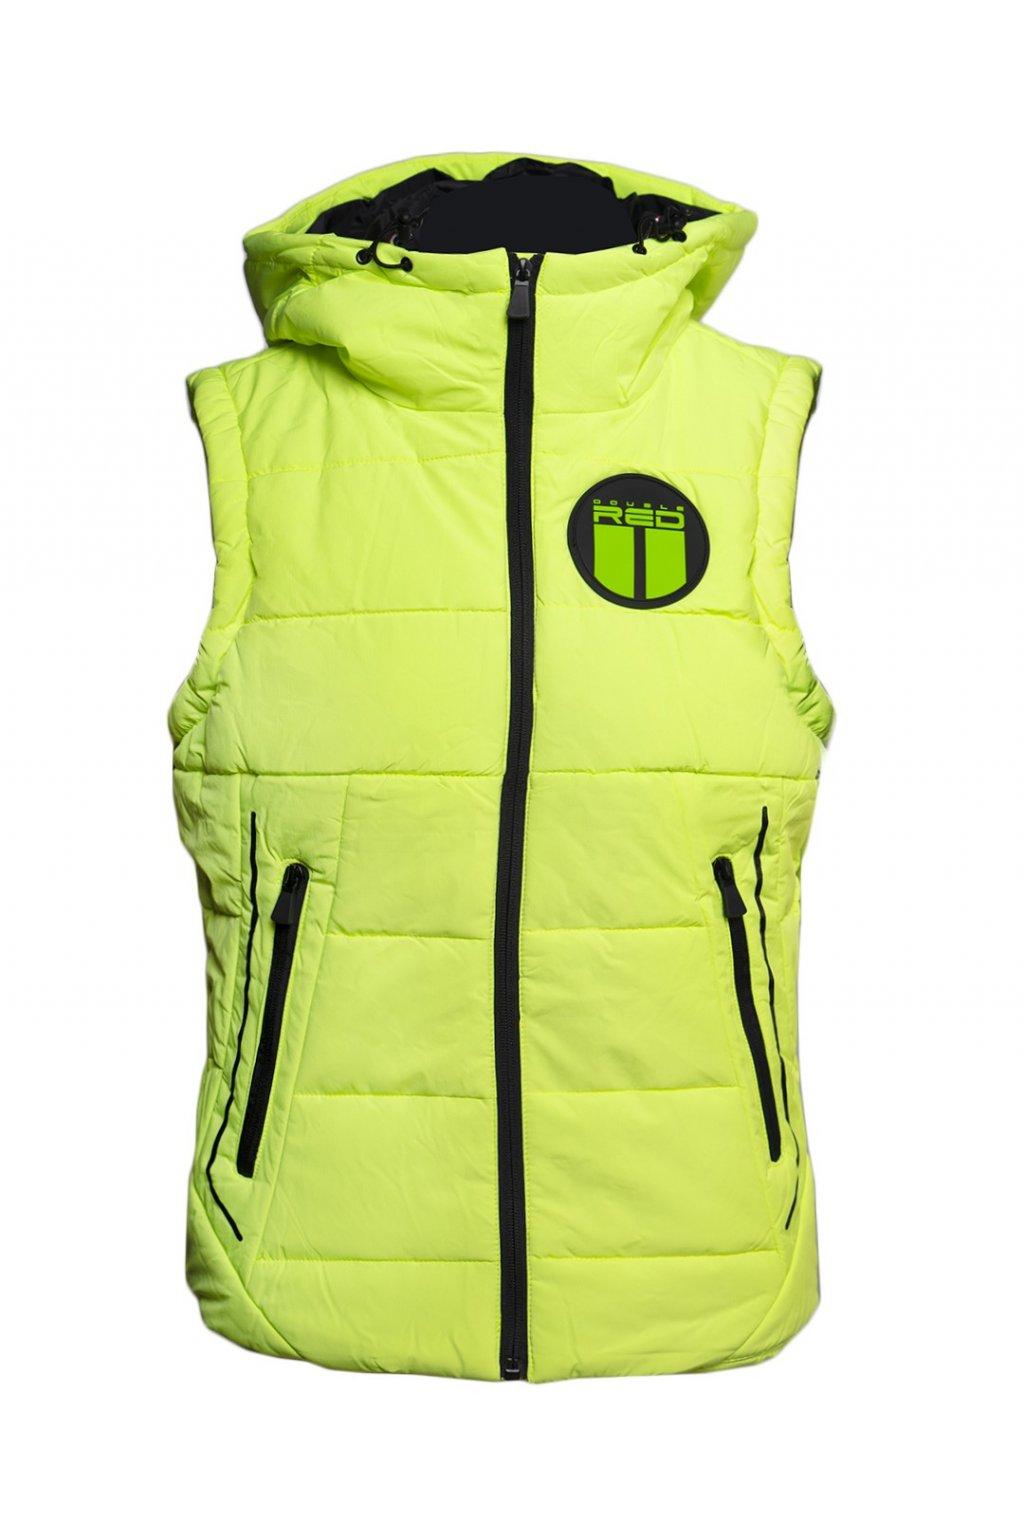 Pánská zimní vesta Double Red WHISTLER Vest Green obr1